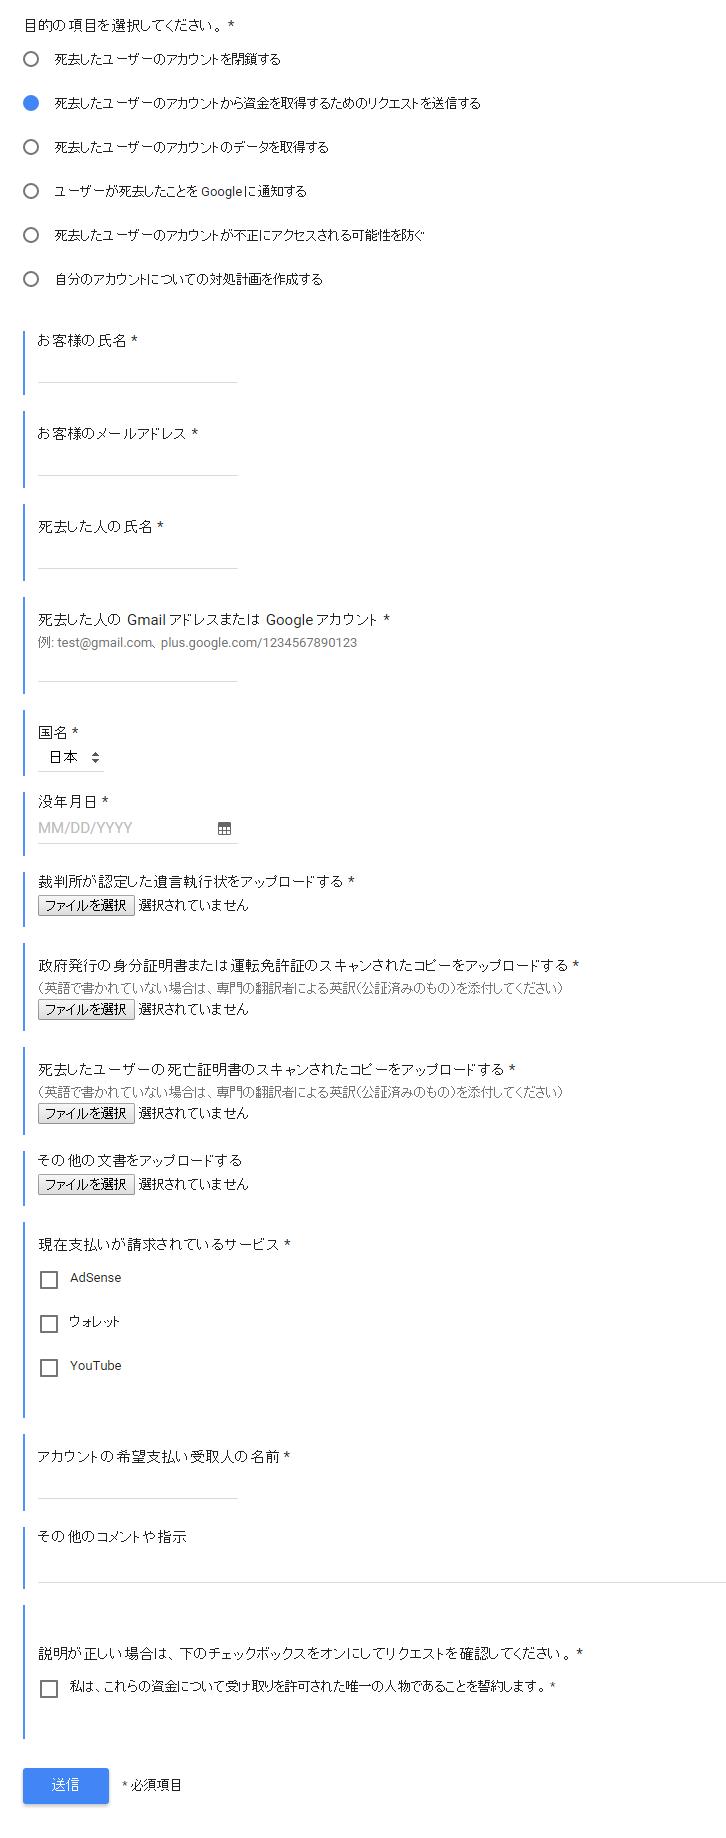 死去したユーザーのアカウントに関するリクエストを送信する   Google アカウント ヘルプ002